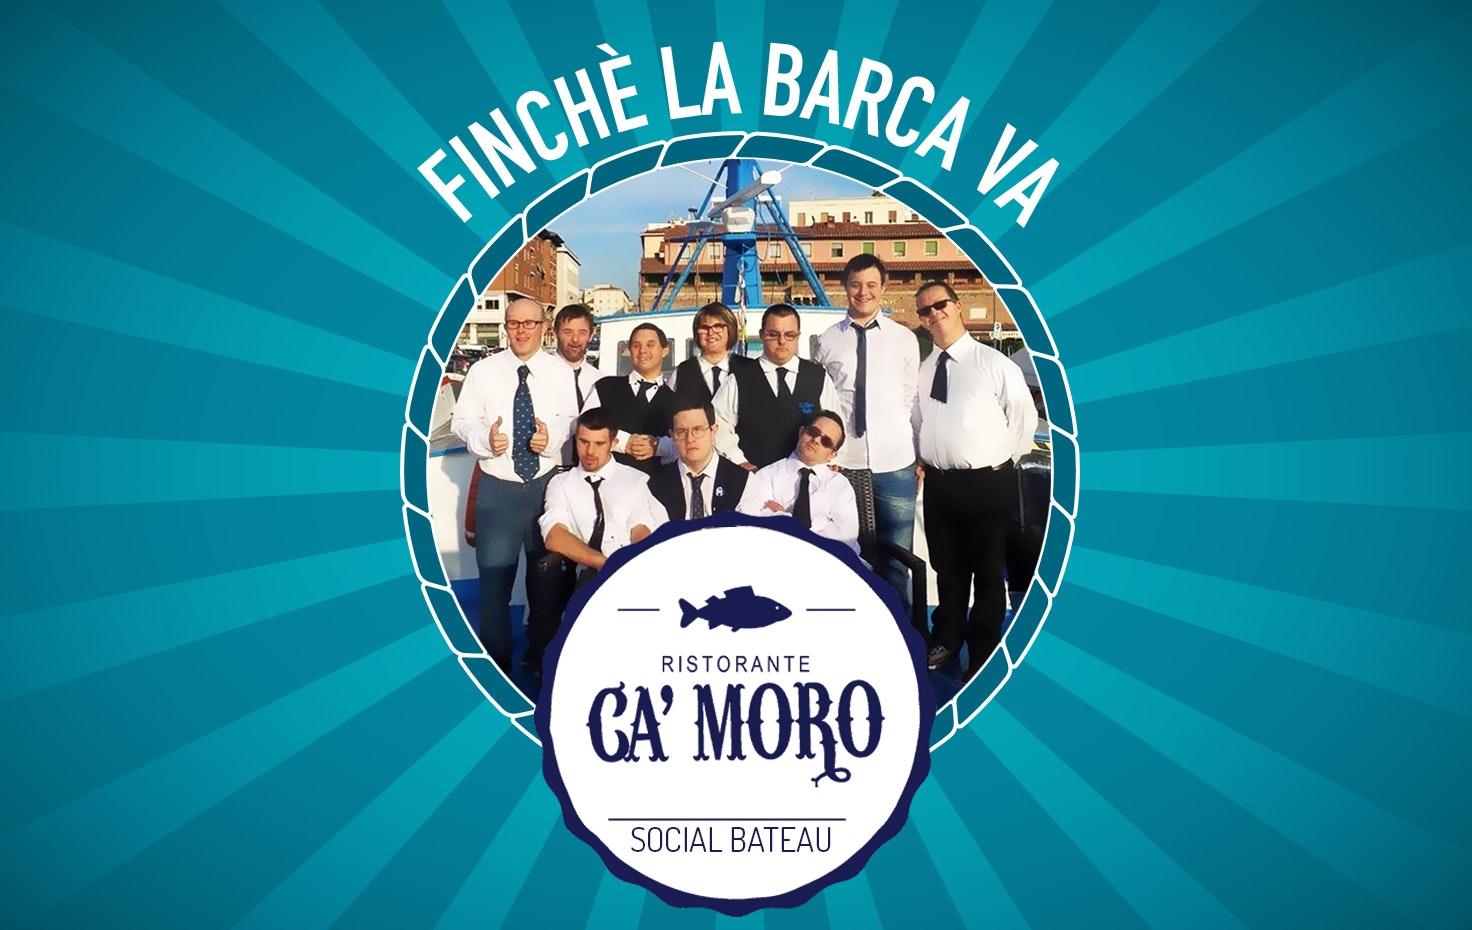 Finche' la barca va....Ristorante Ca'Moro Social bateau